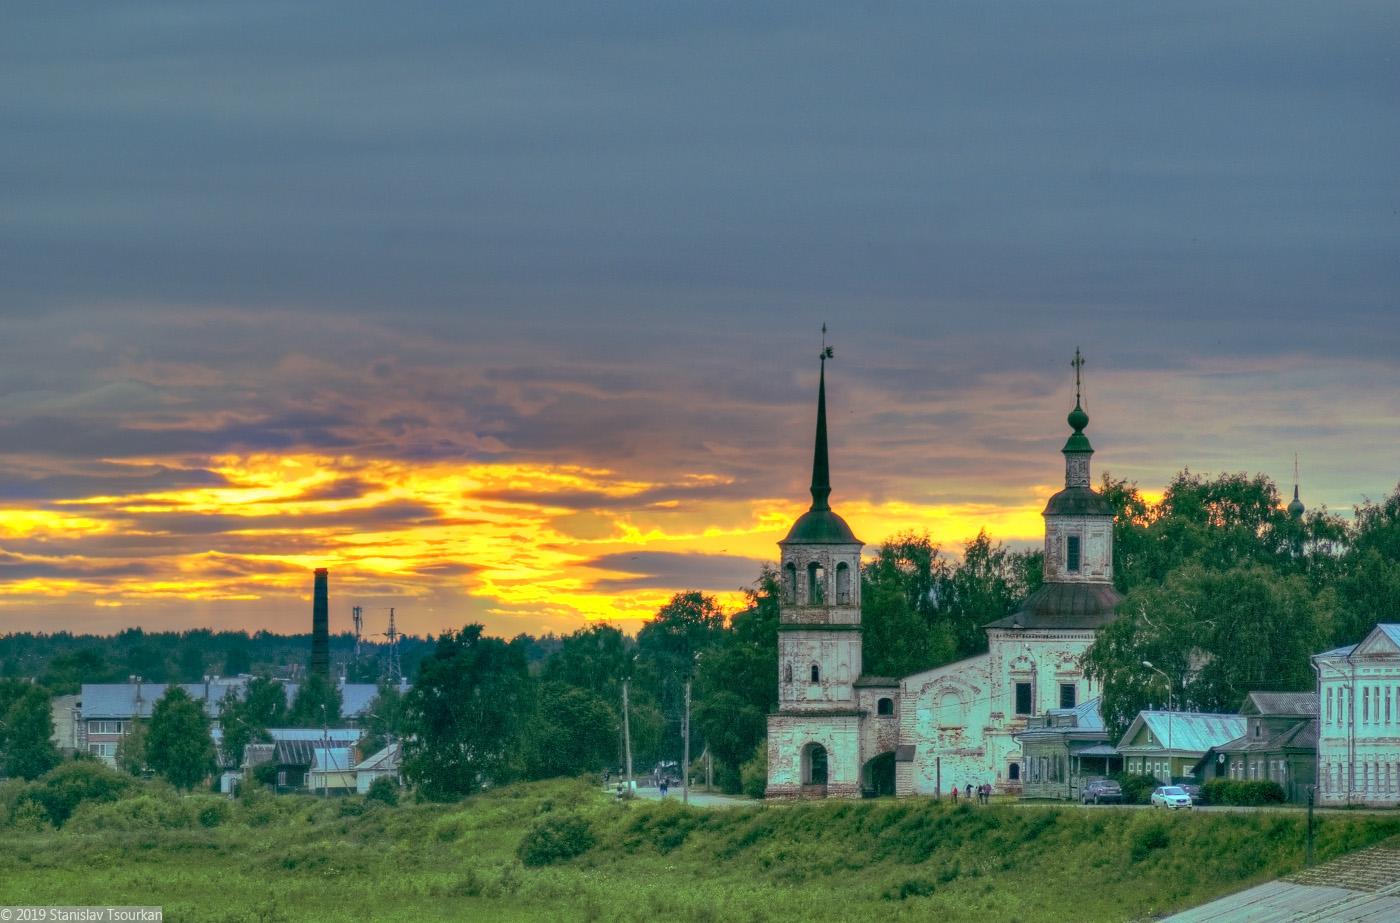 Вологодская область, Вологодчина, Великий устюг, Русский север, набережная